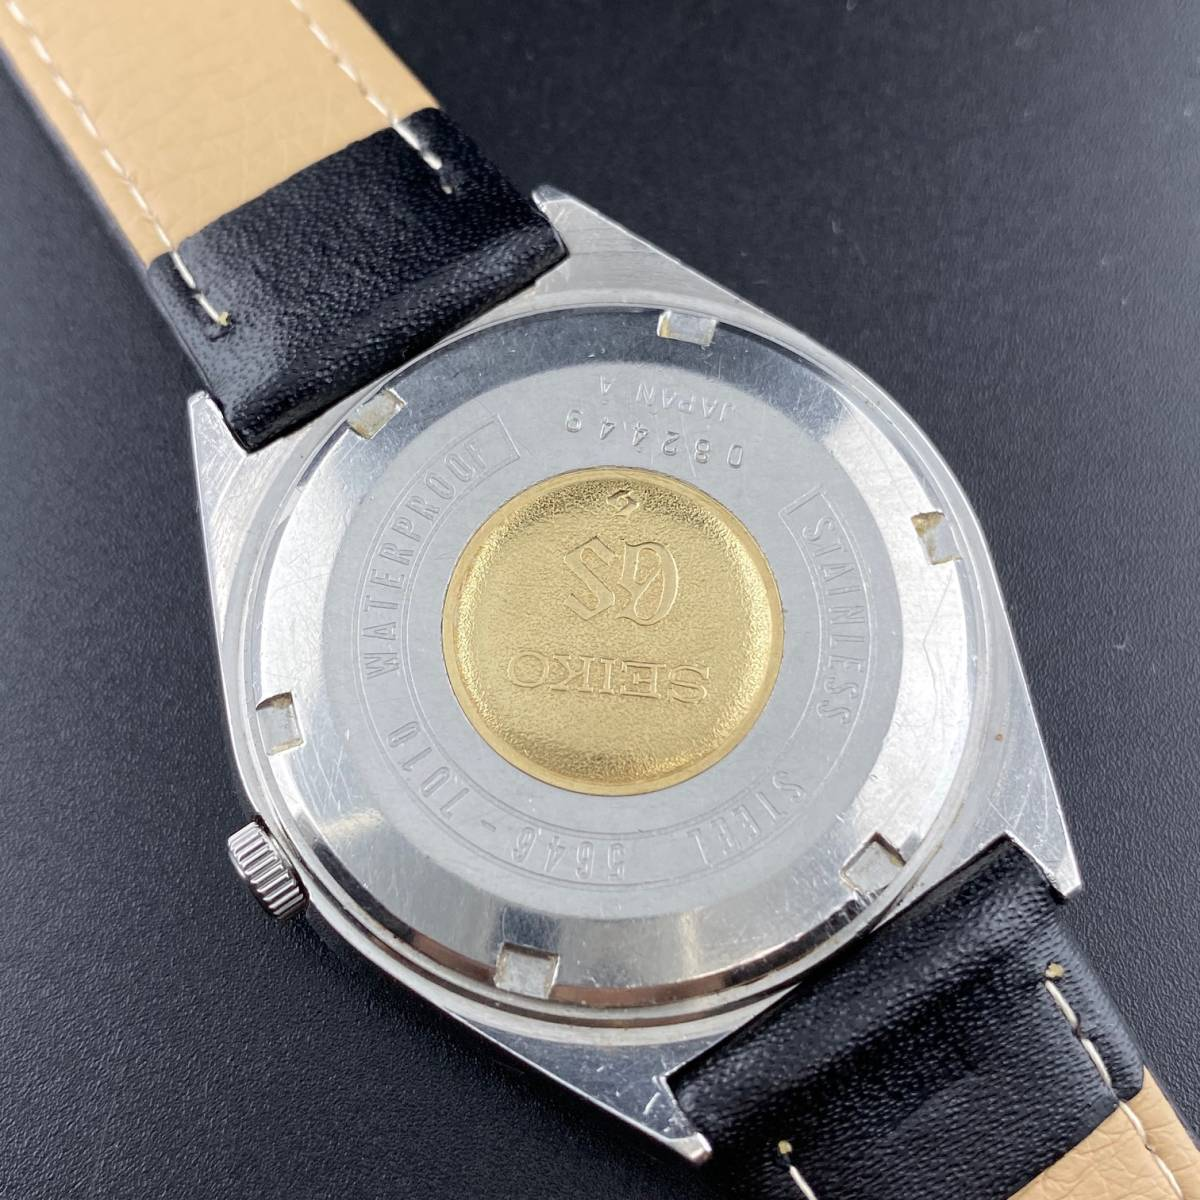 【1円~】GRAND SEIKO グランドセイコー 腕時計 メンズ 自動巻 HI-BEAT ハイビート デイデイト 可動品_画像5